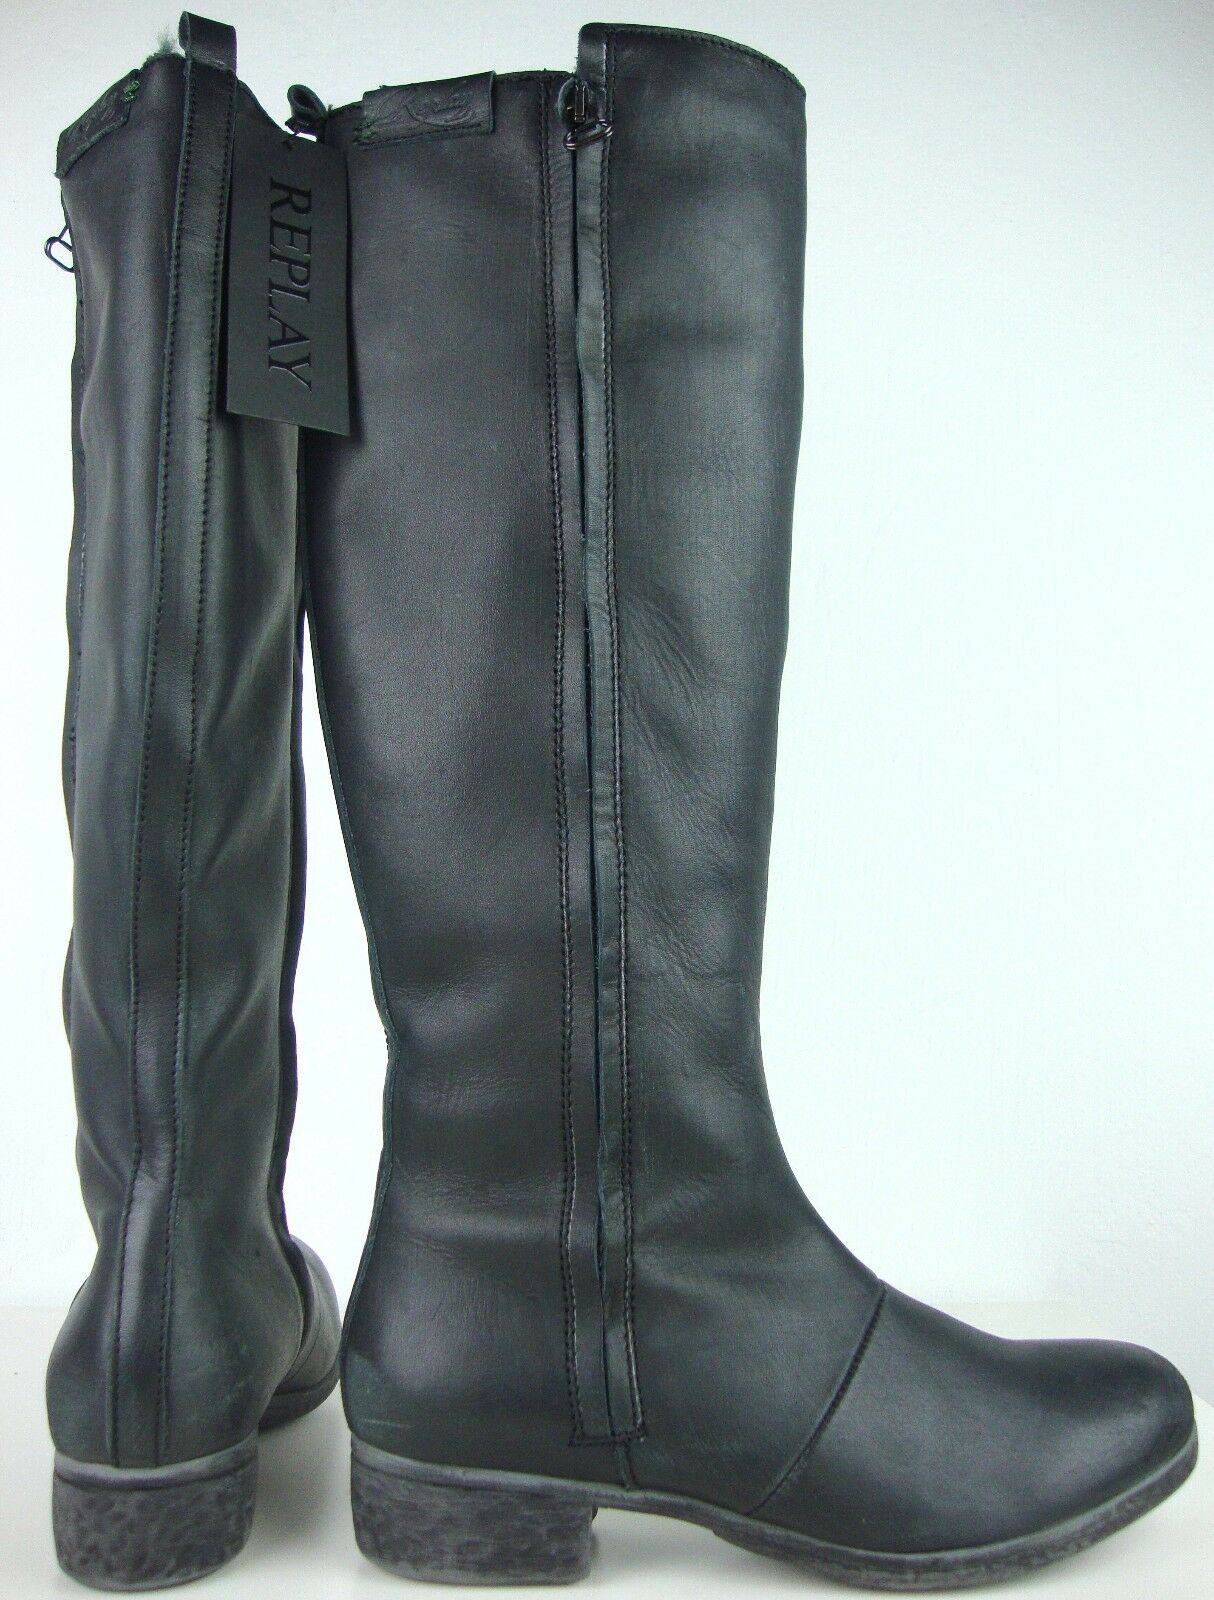 Grandes zapatos con descuento REPLAY Damen Hochschaftstiefel Stiefel Boots Leder Schwarz Gr.37 NEU mit ETIKETT